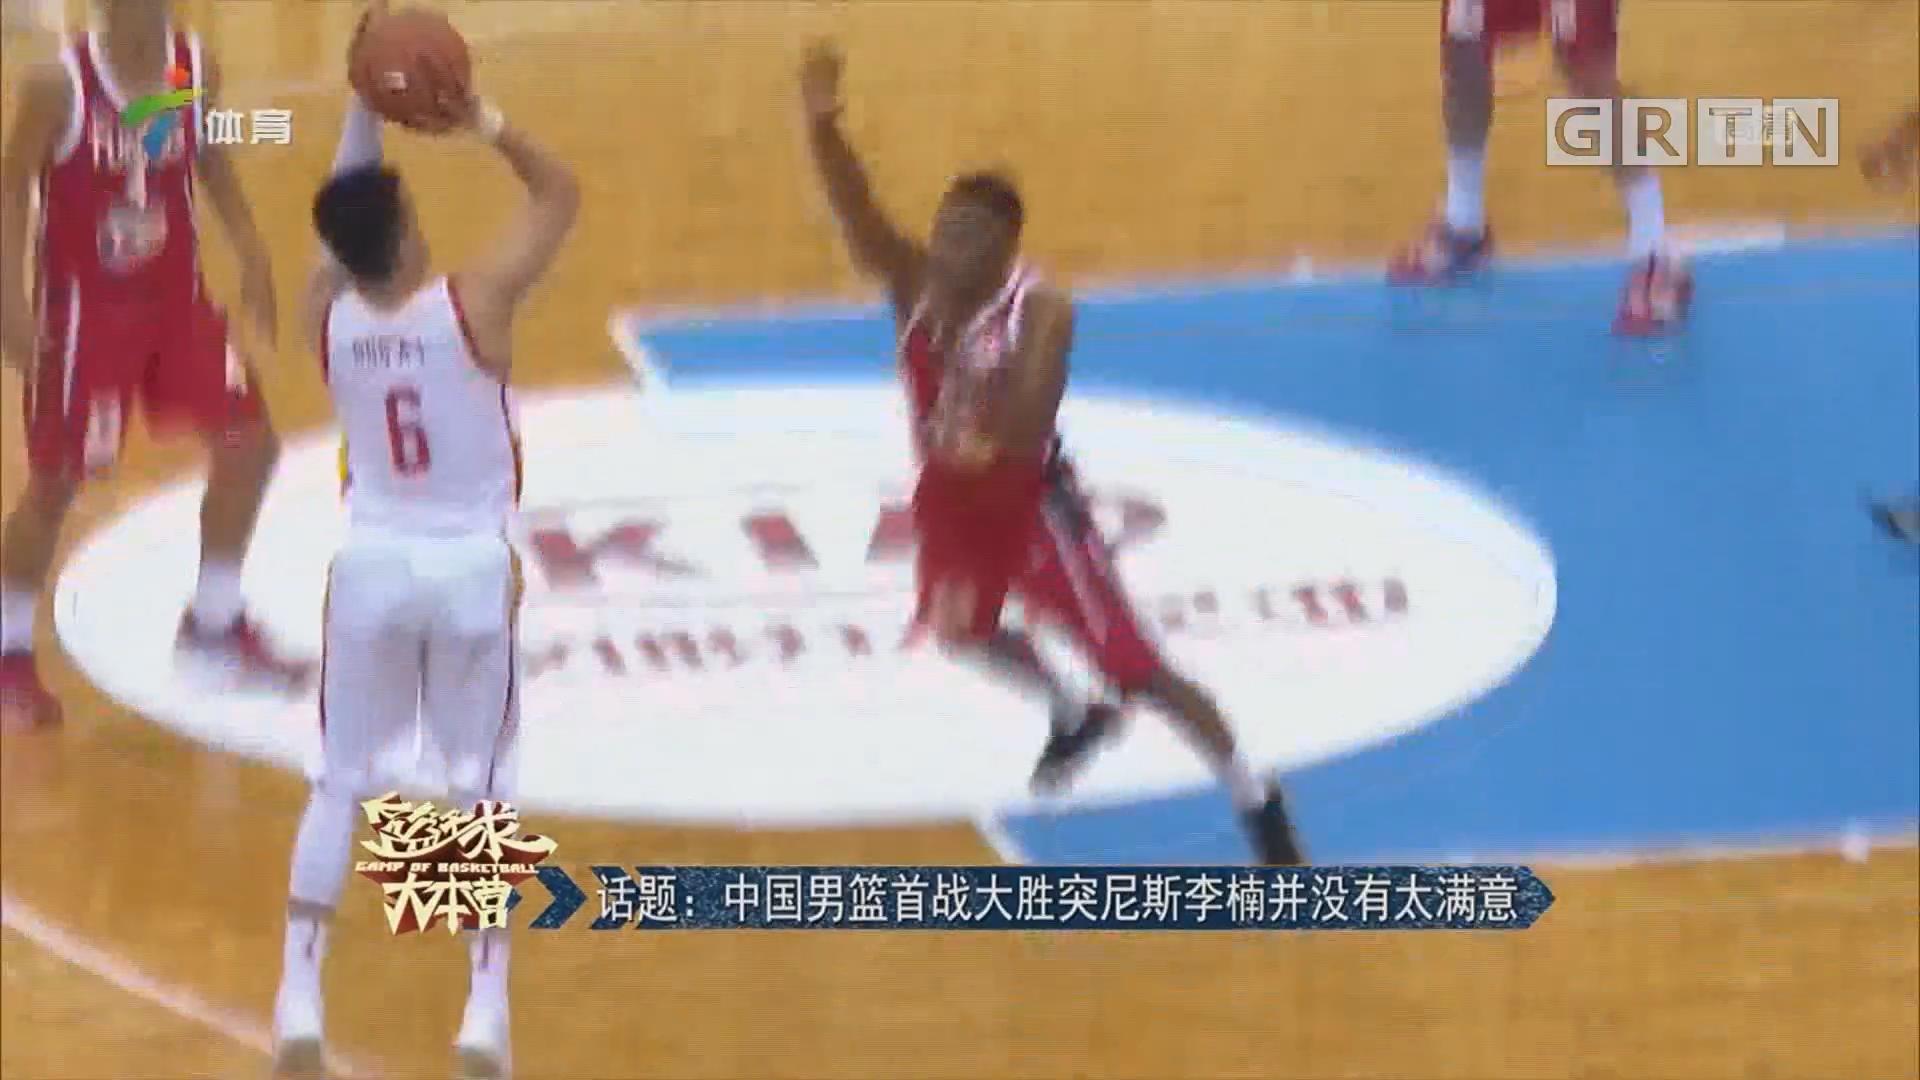 话题:中国男篮首战大胜突尼斯李楠并没有太满意